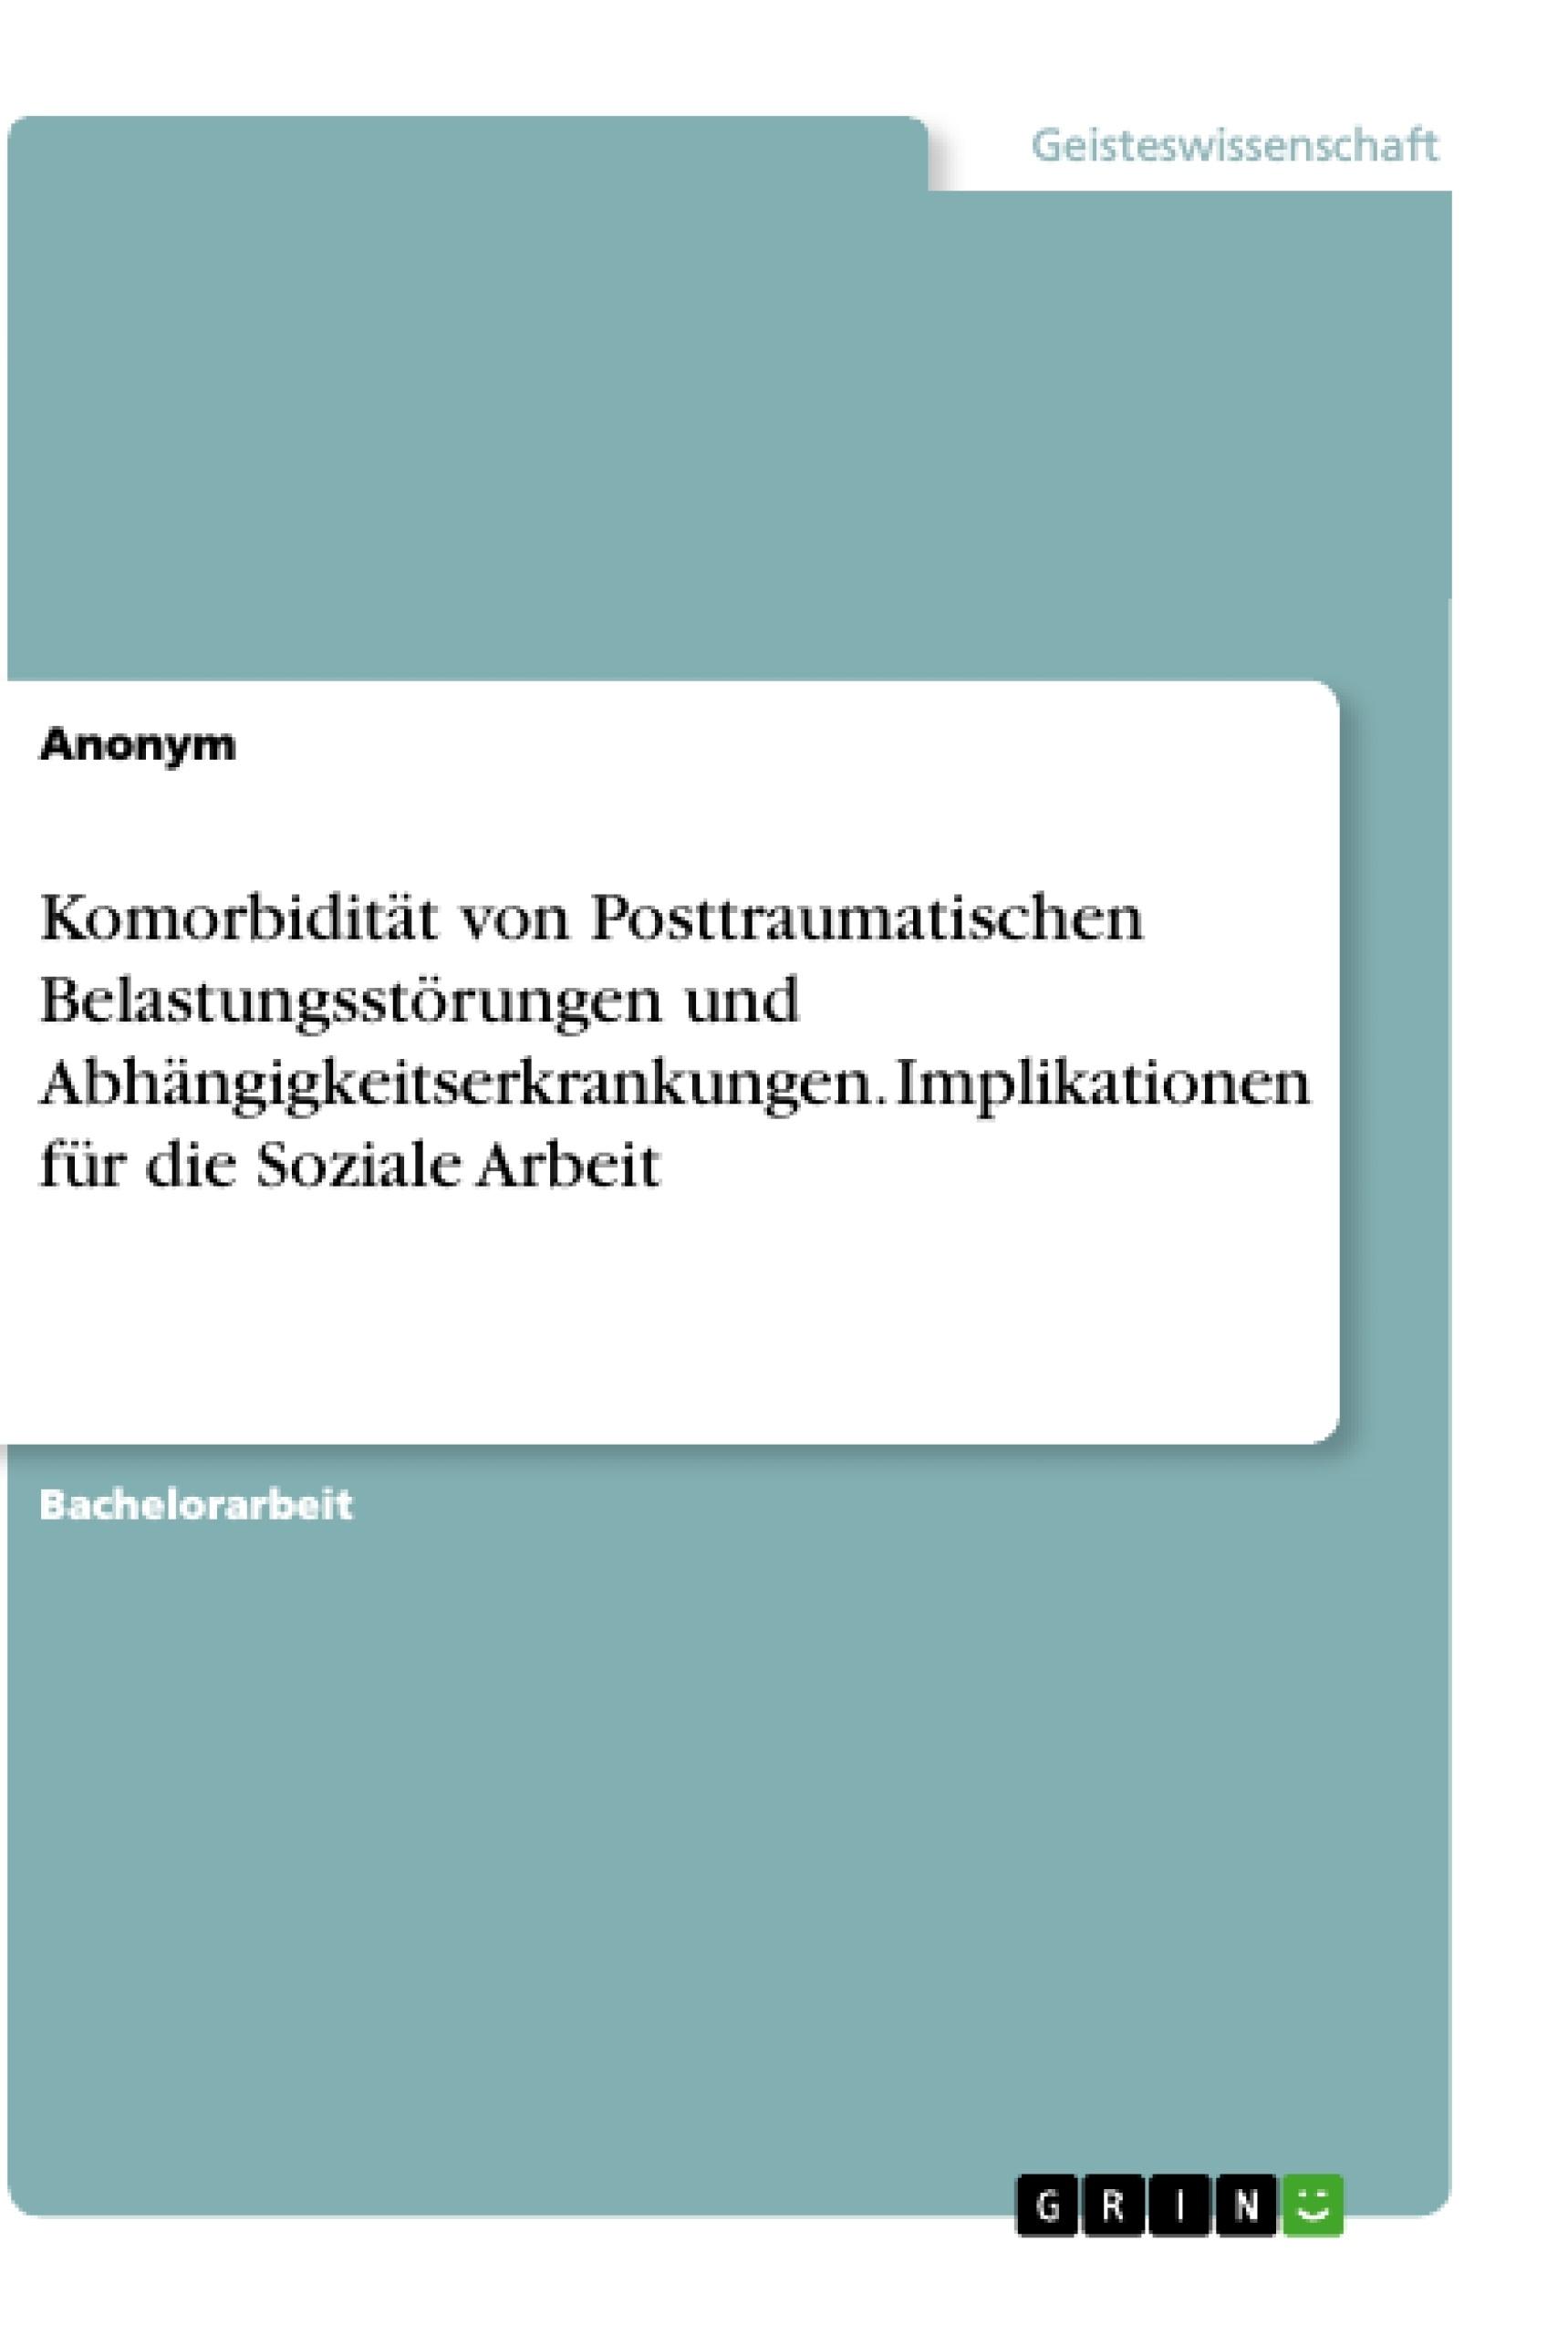 Titel: Komorbidität von Posttraumatischen Belastungsstörungen und Abhängigkeitserkrankungen. Implikationen für die Soziale Arbeit